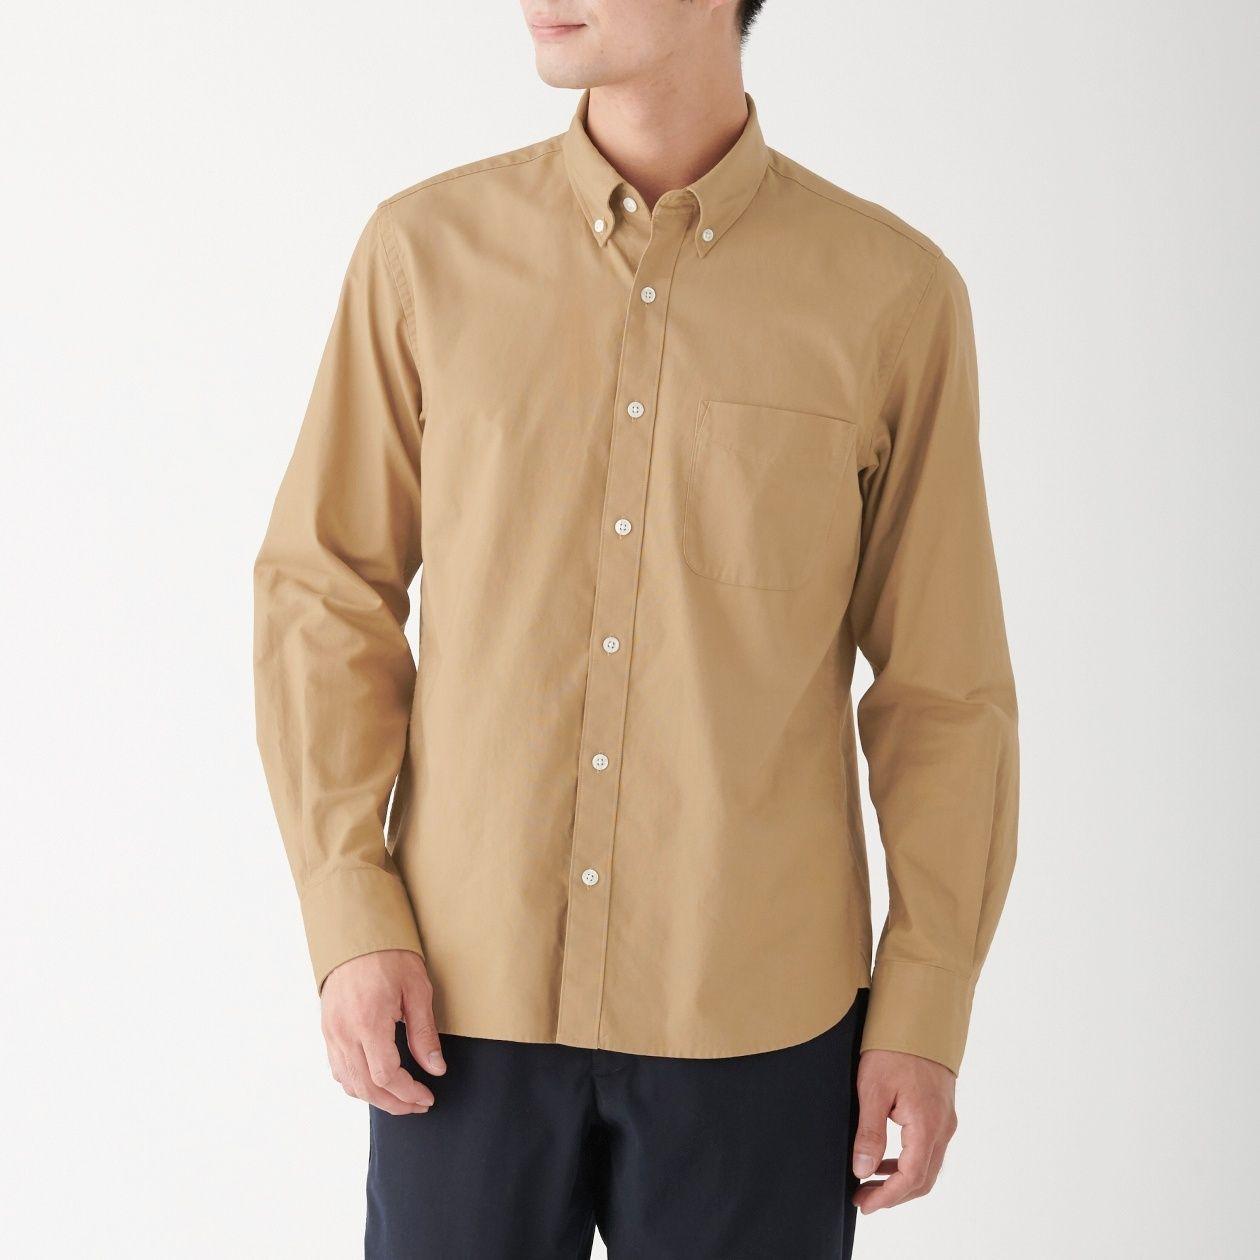 新疆綿生地染めオックスボタンダウンシャツ